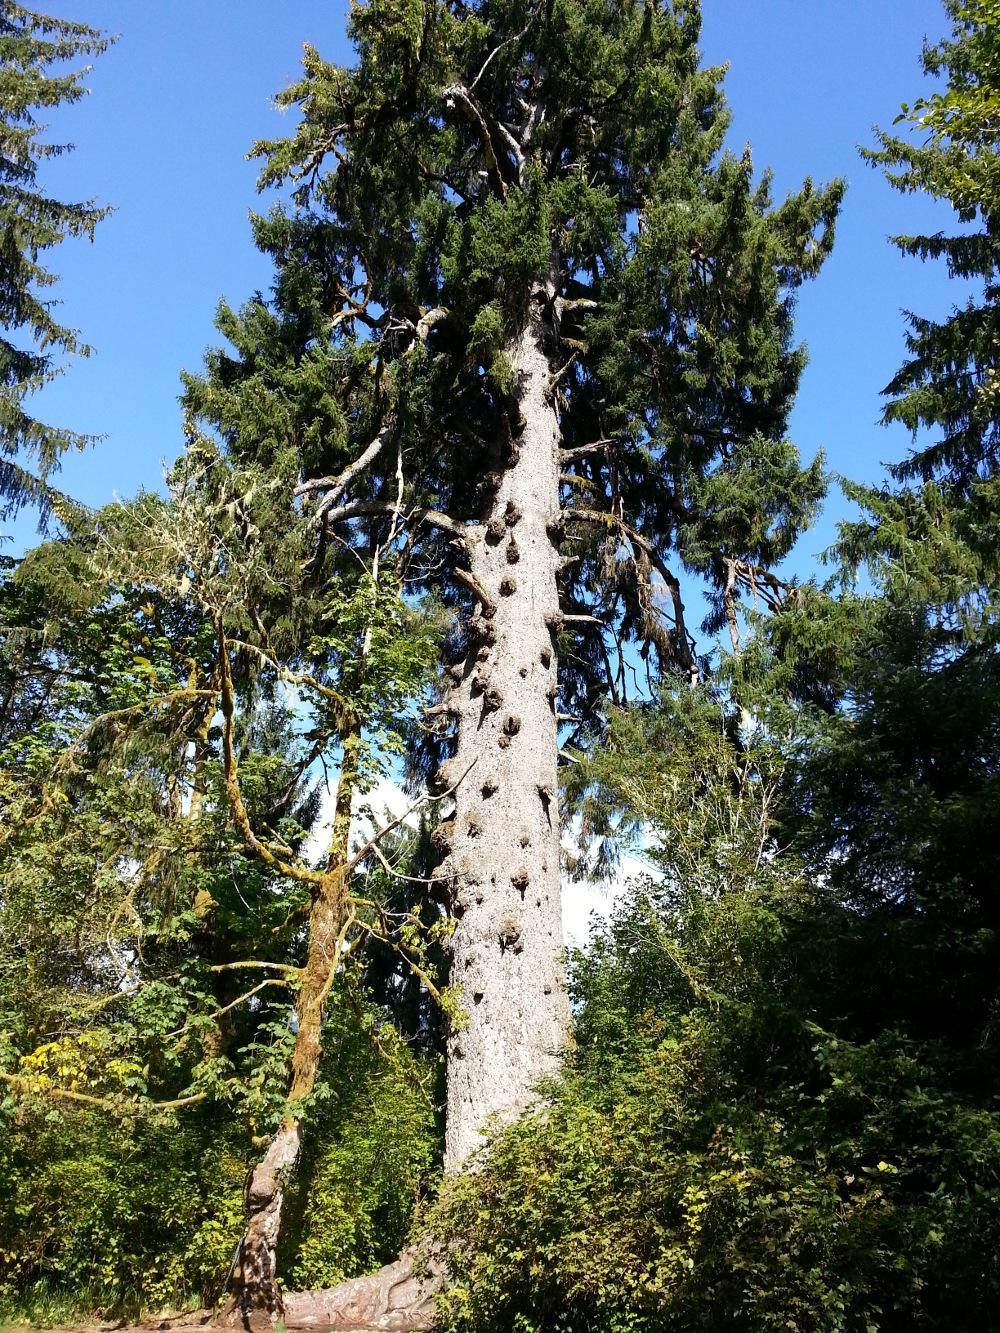 Massive Sitka Spruce tree